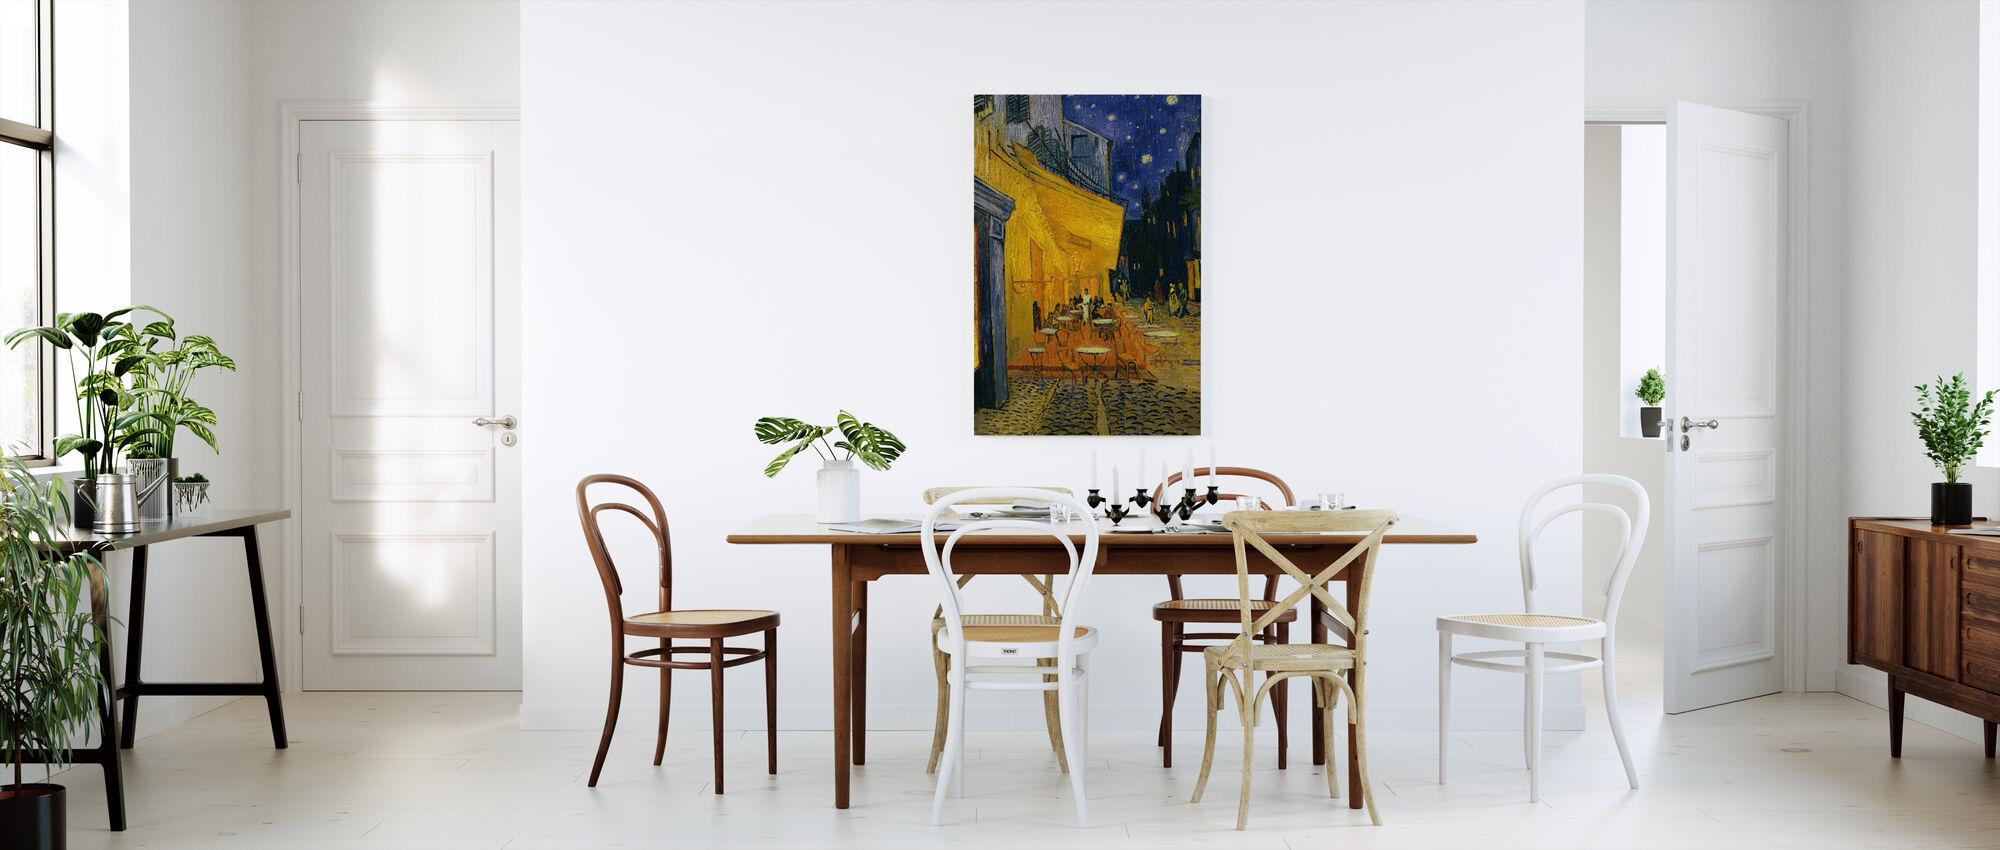 Caféterrasse - Vincent van Gogh - Billede på lærred - Køkken